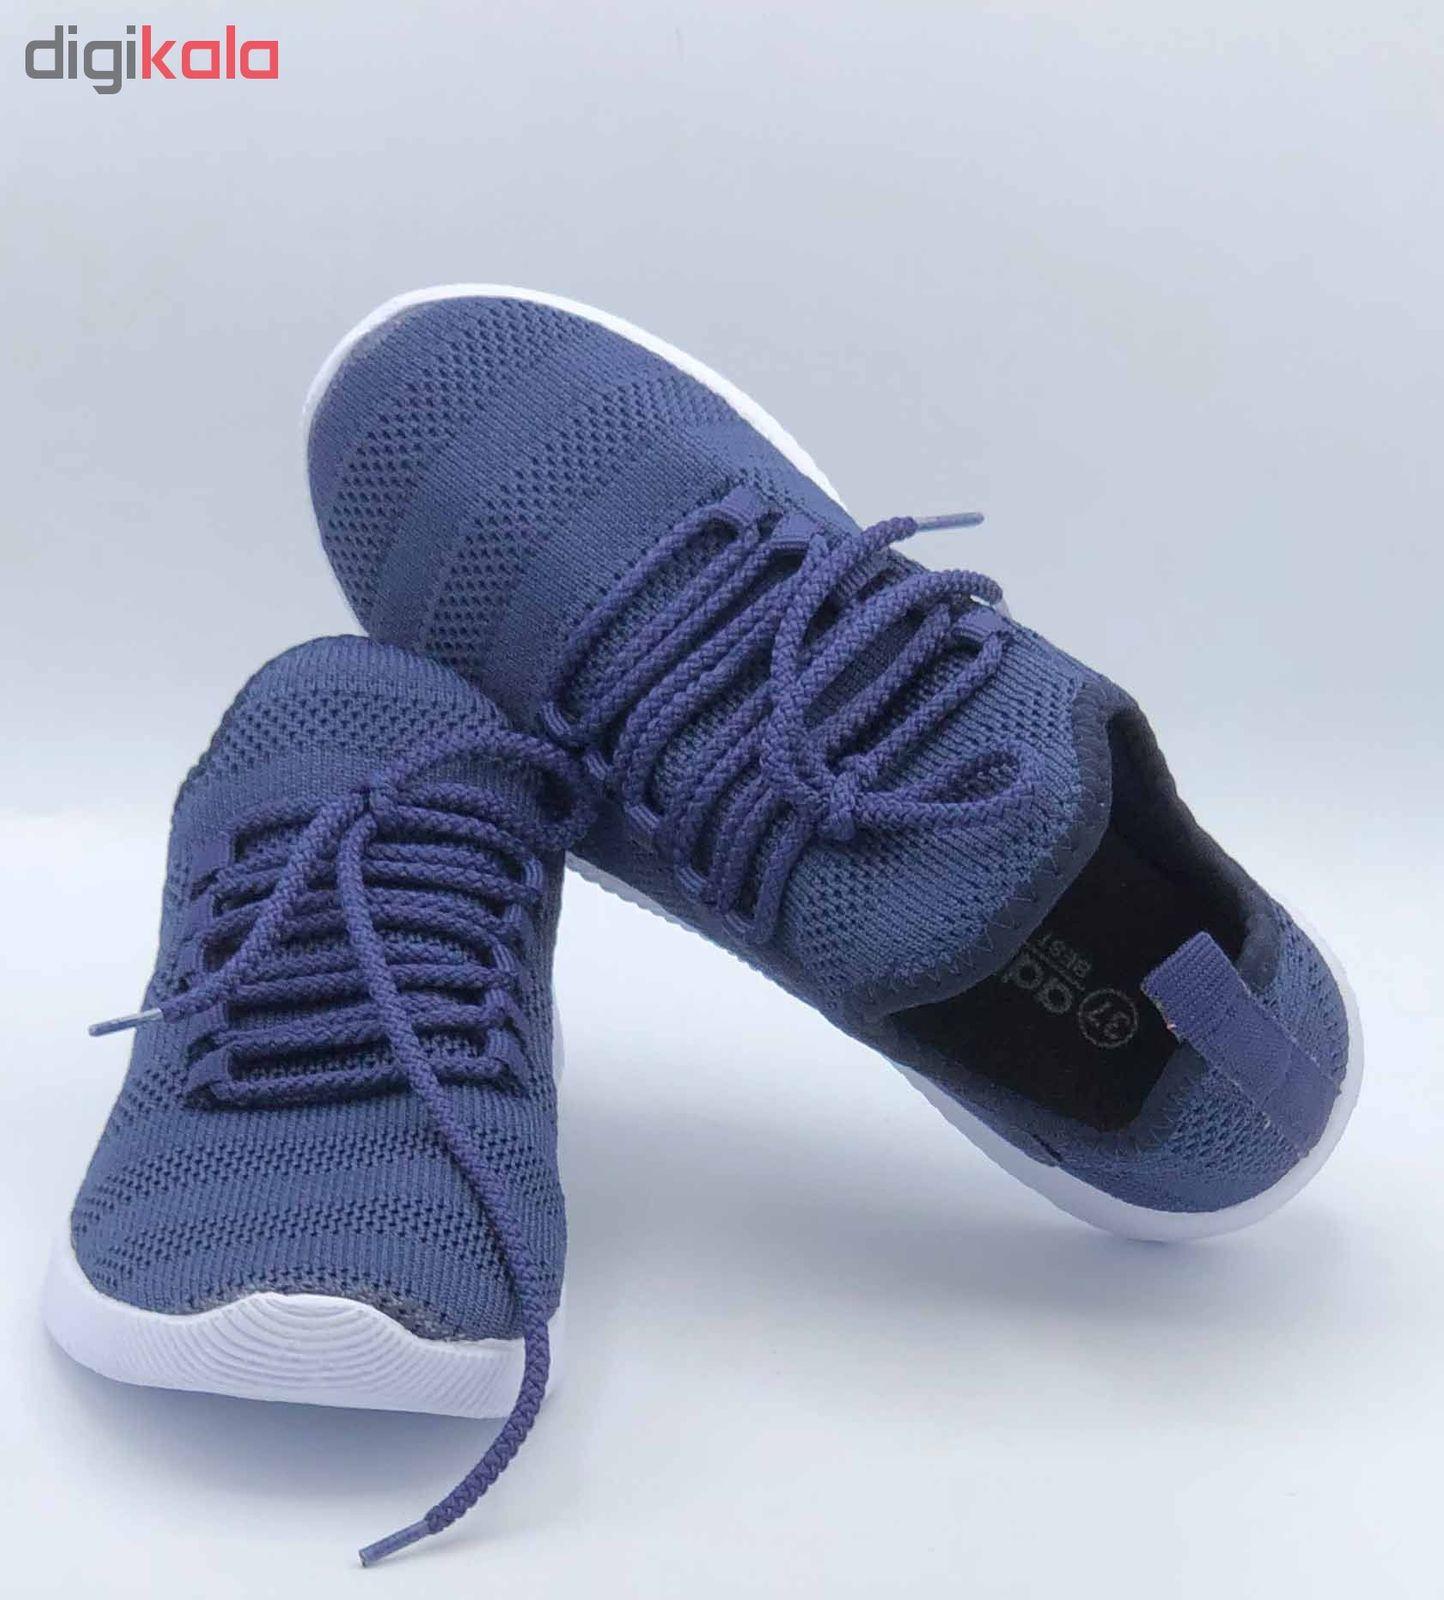 کفش مخصوص پیاده روی زنانه کد 9814 main 1 2